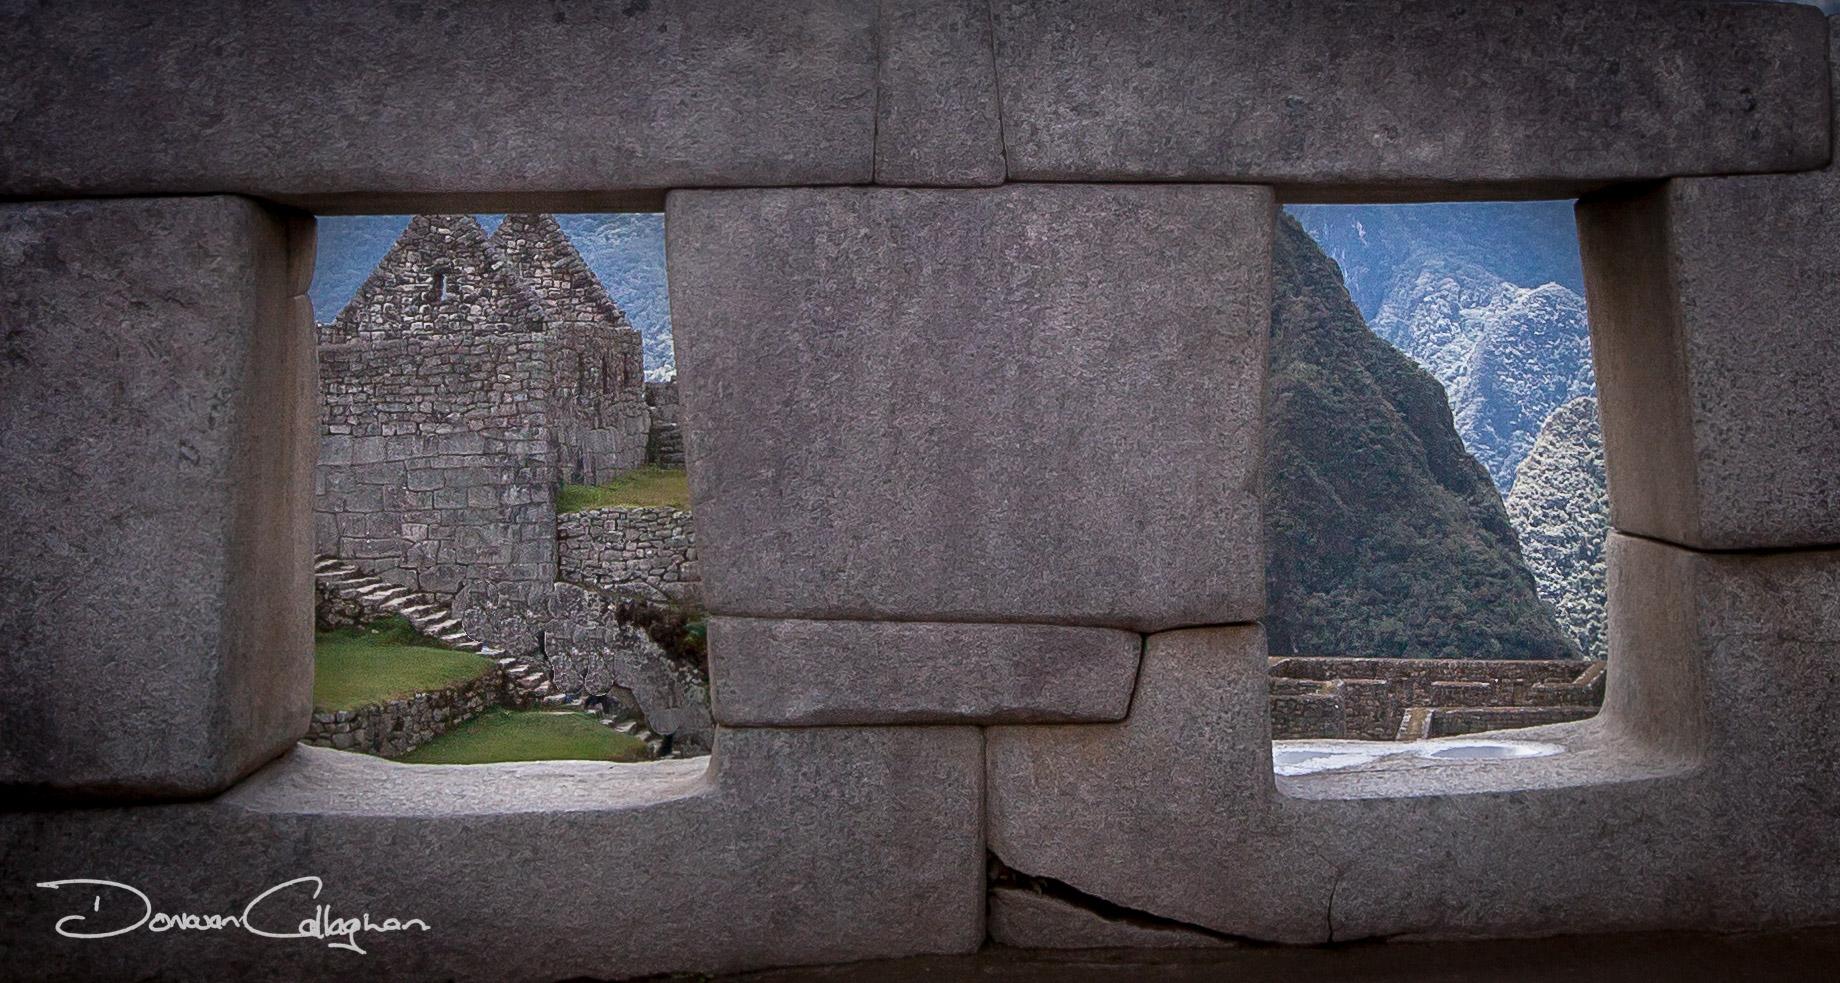 Machu Picchu stone work, Peru